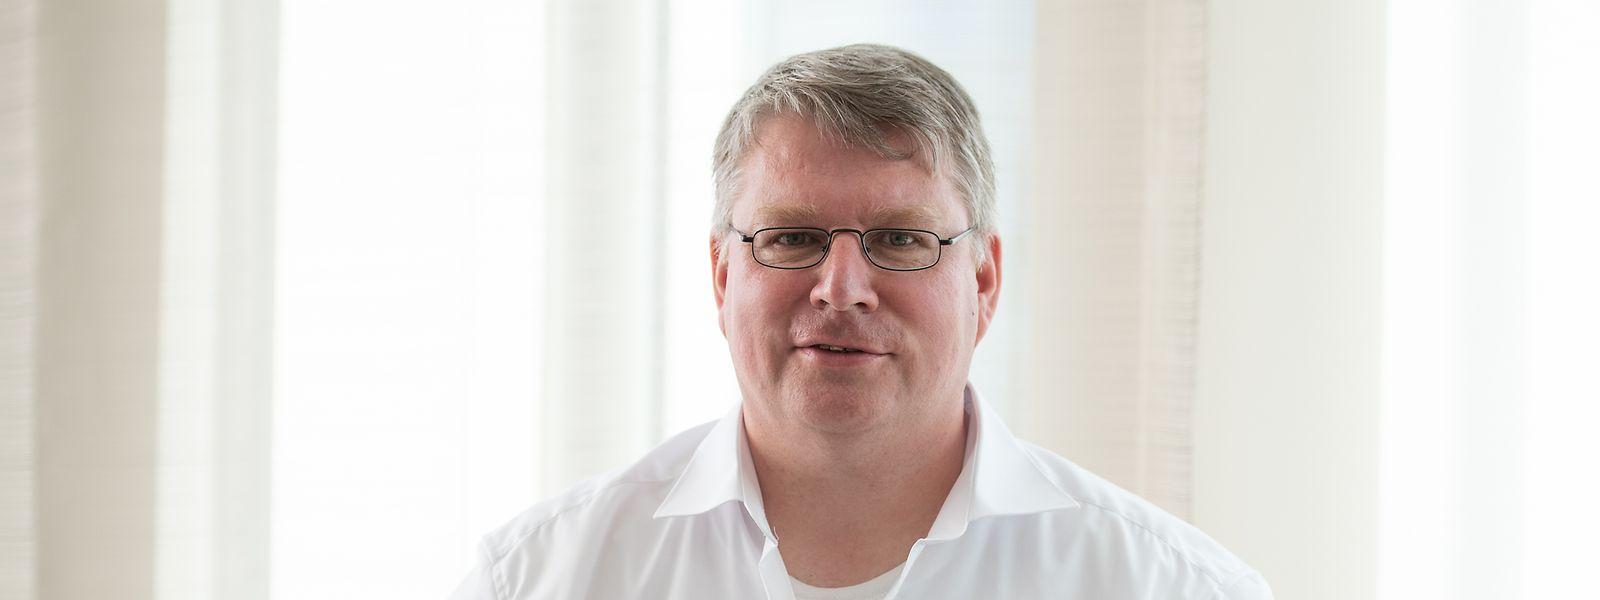 """Christian Hirsch, Autor und ehemaliger AfD-Mitarbeiter, bei der Vorstellung seines Buches """"Machtergreifung""""."""